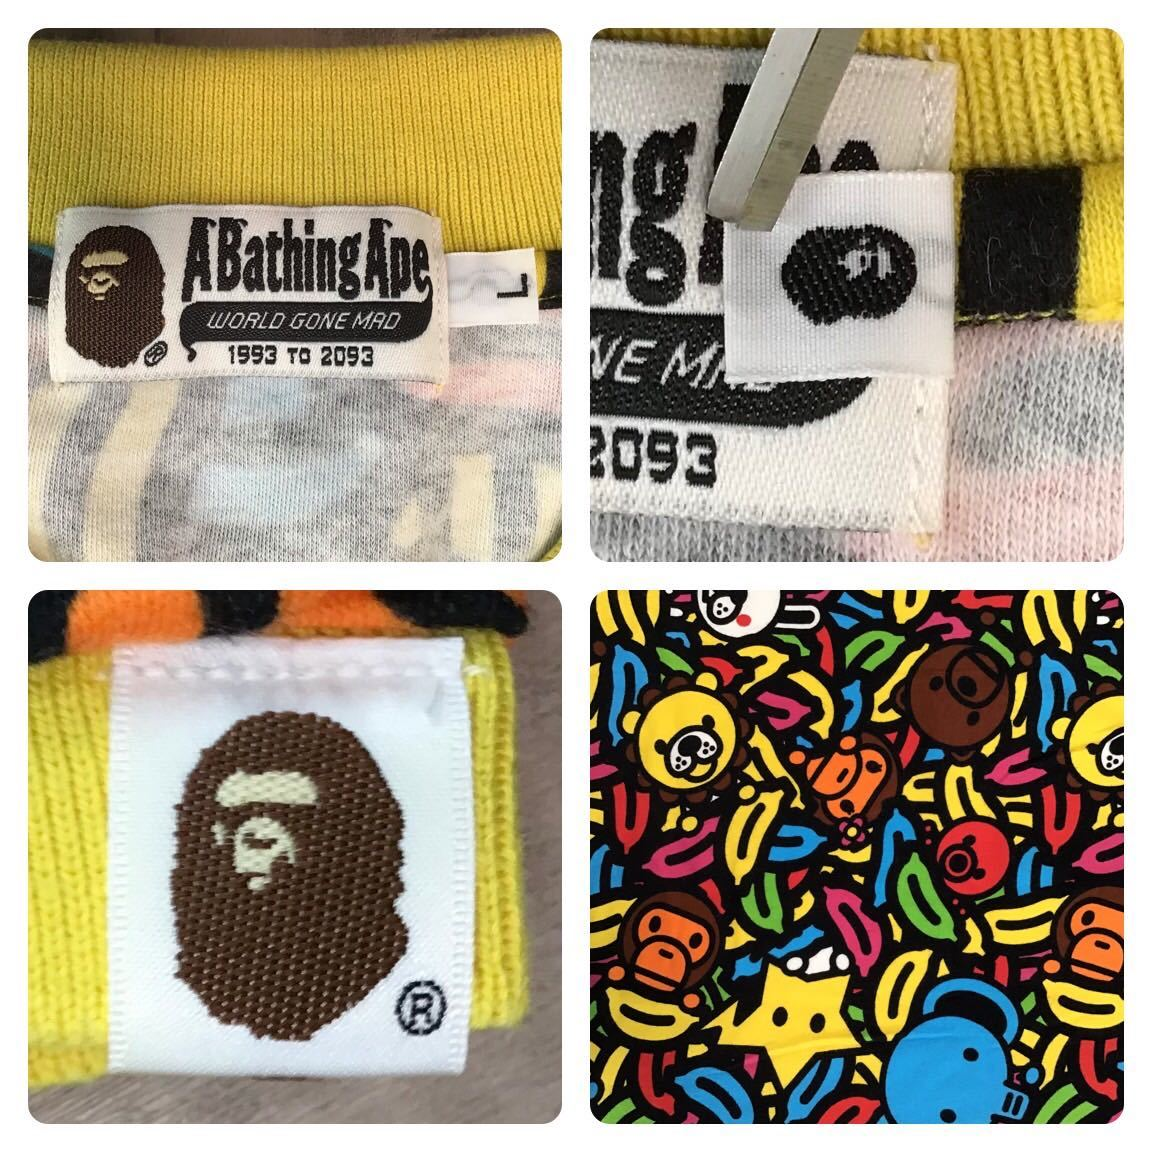 マイロ アニマル バナナ サファリ ポロシャツ Lサイズ a bathing ape bape baby milo エイプ ベイプ アベイシングエイプ Safari animal 3vp